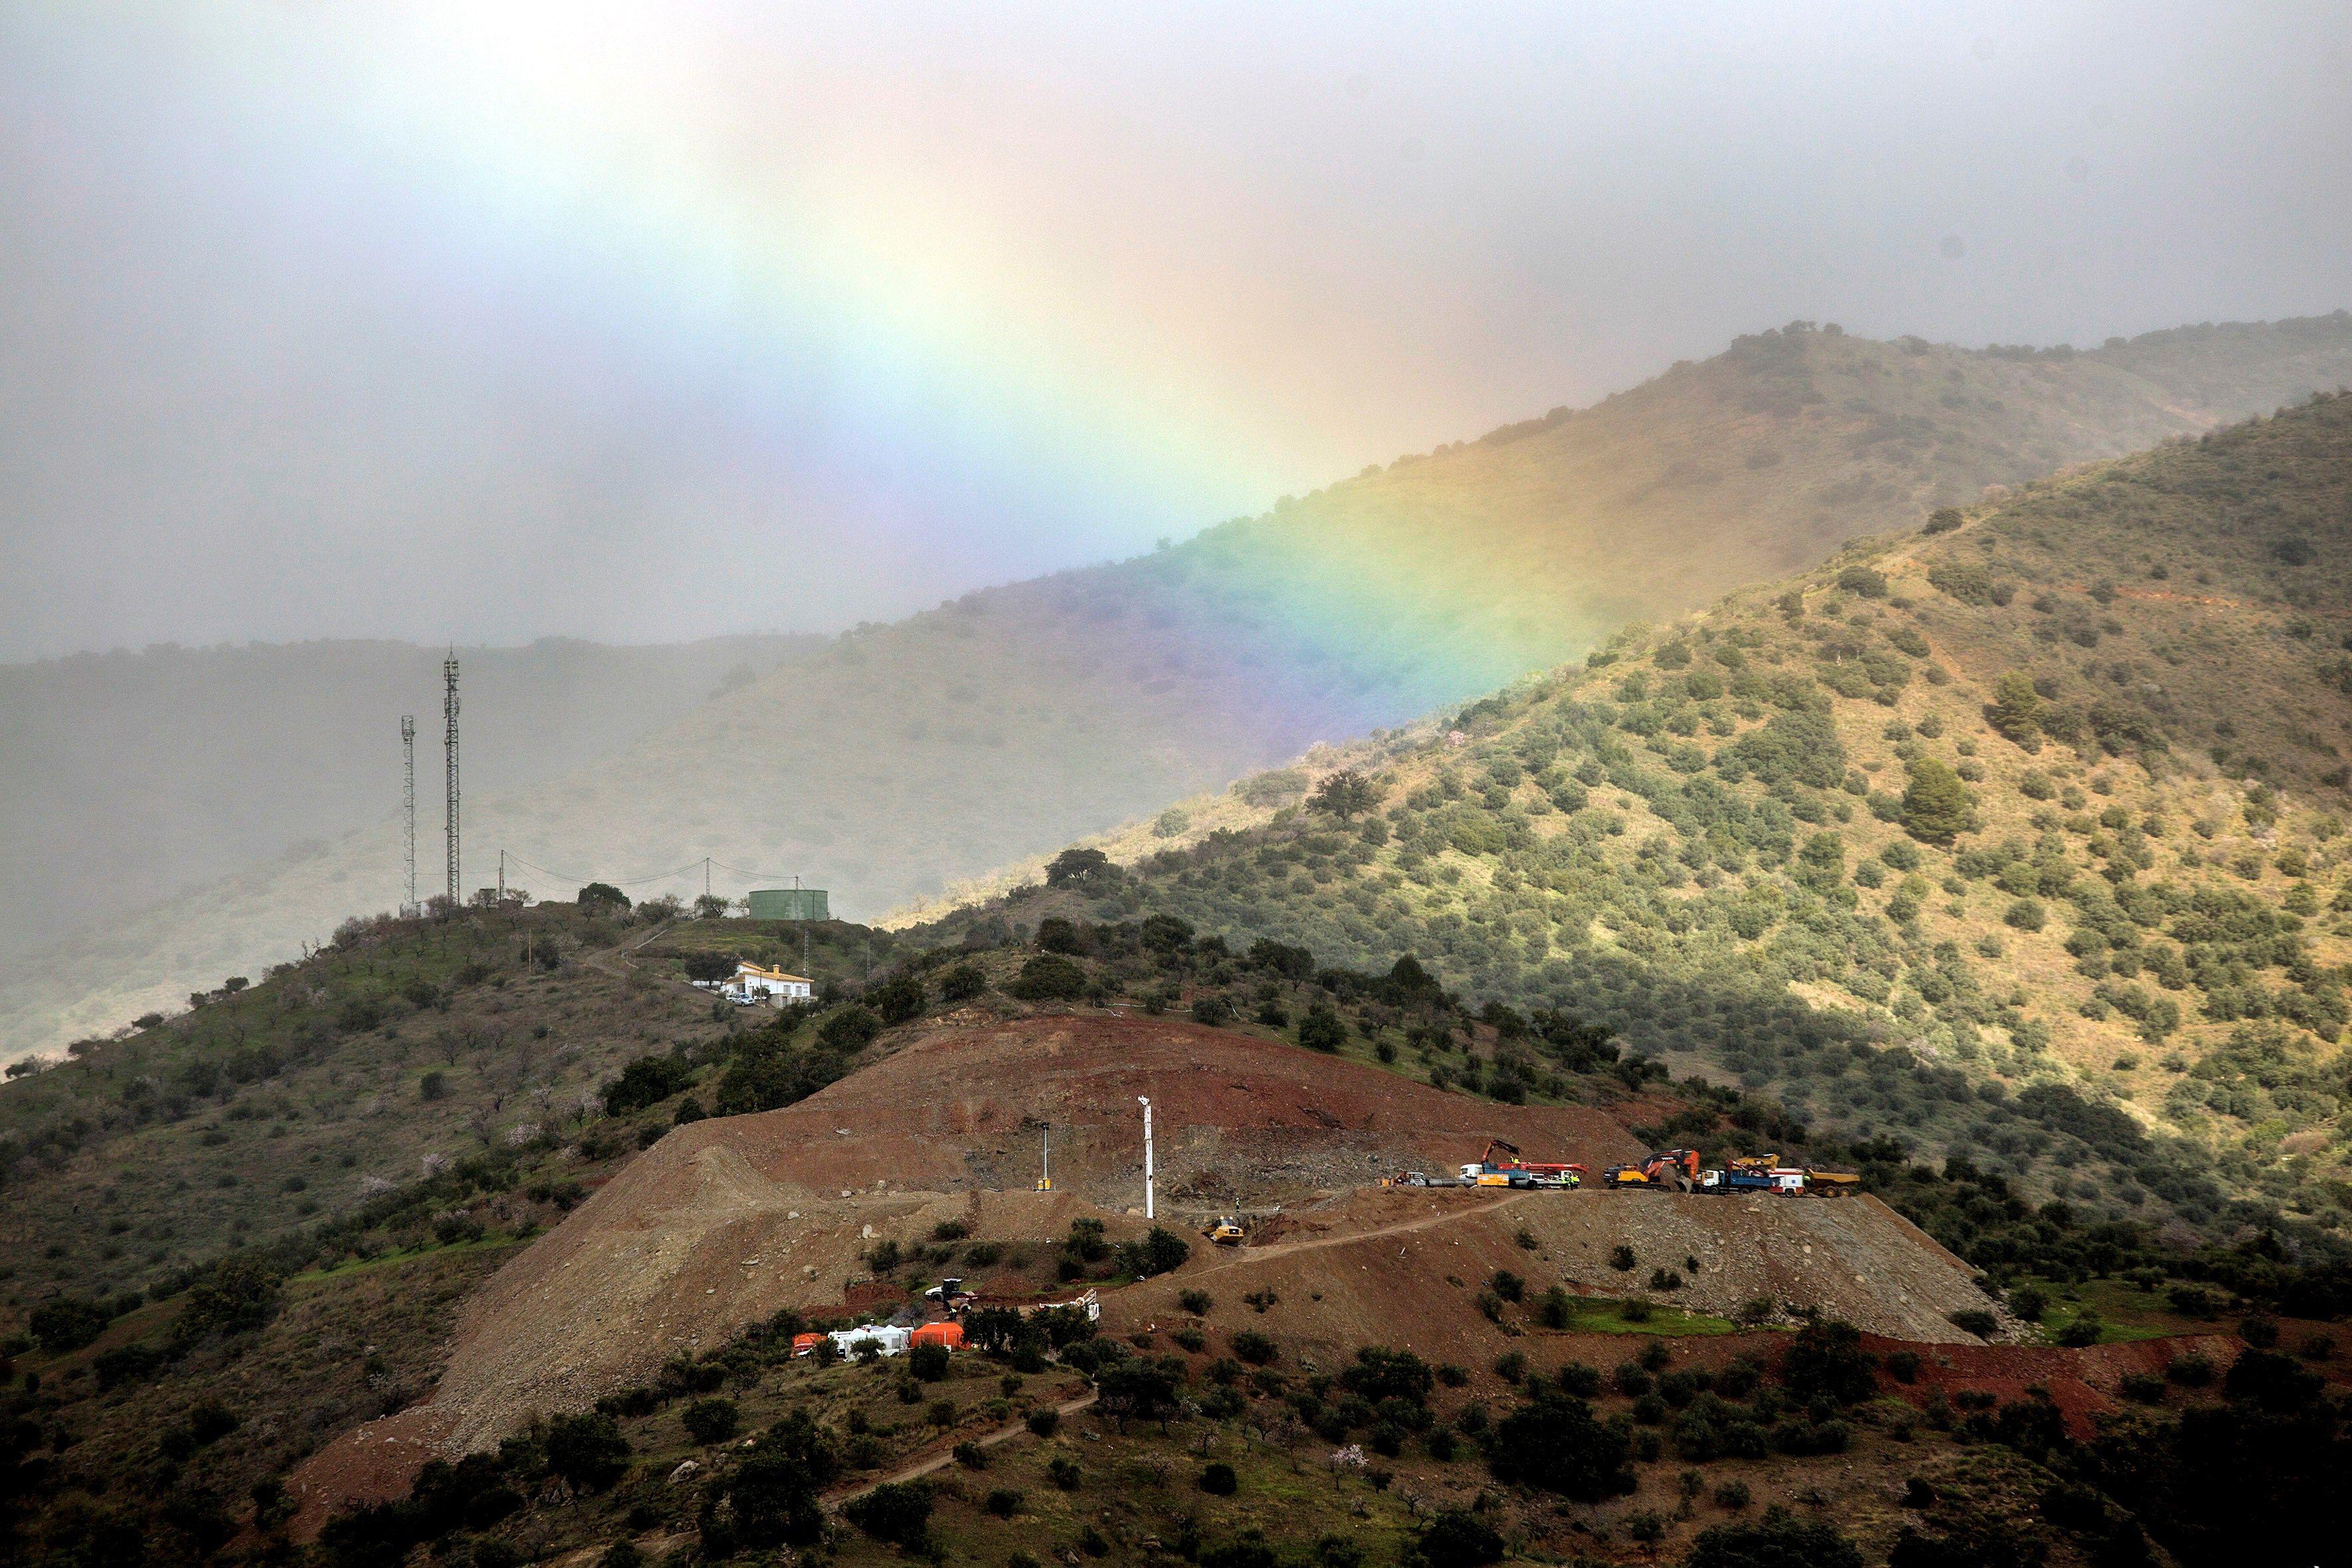 Vista general de la zona en la que continúan los trabajos de rescate de Julen, el niño de dos años que cayó el pasado domingo a un profundo y estrecho pozo en la localidad de Totalán (Málaga). (Foto Prensa Libre: EFE)